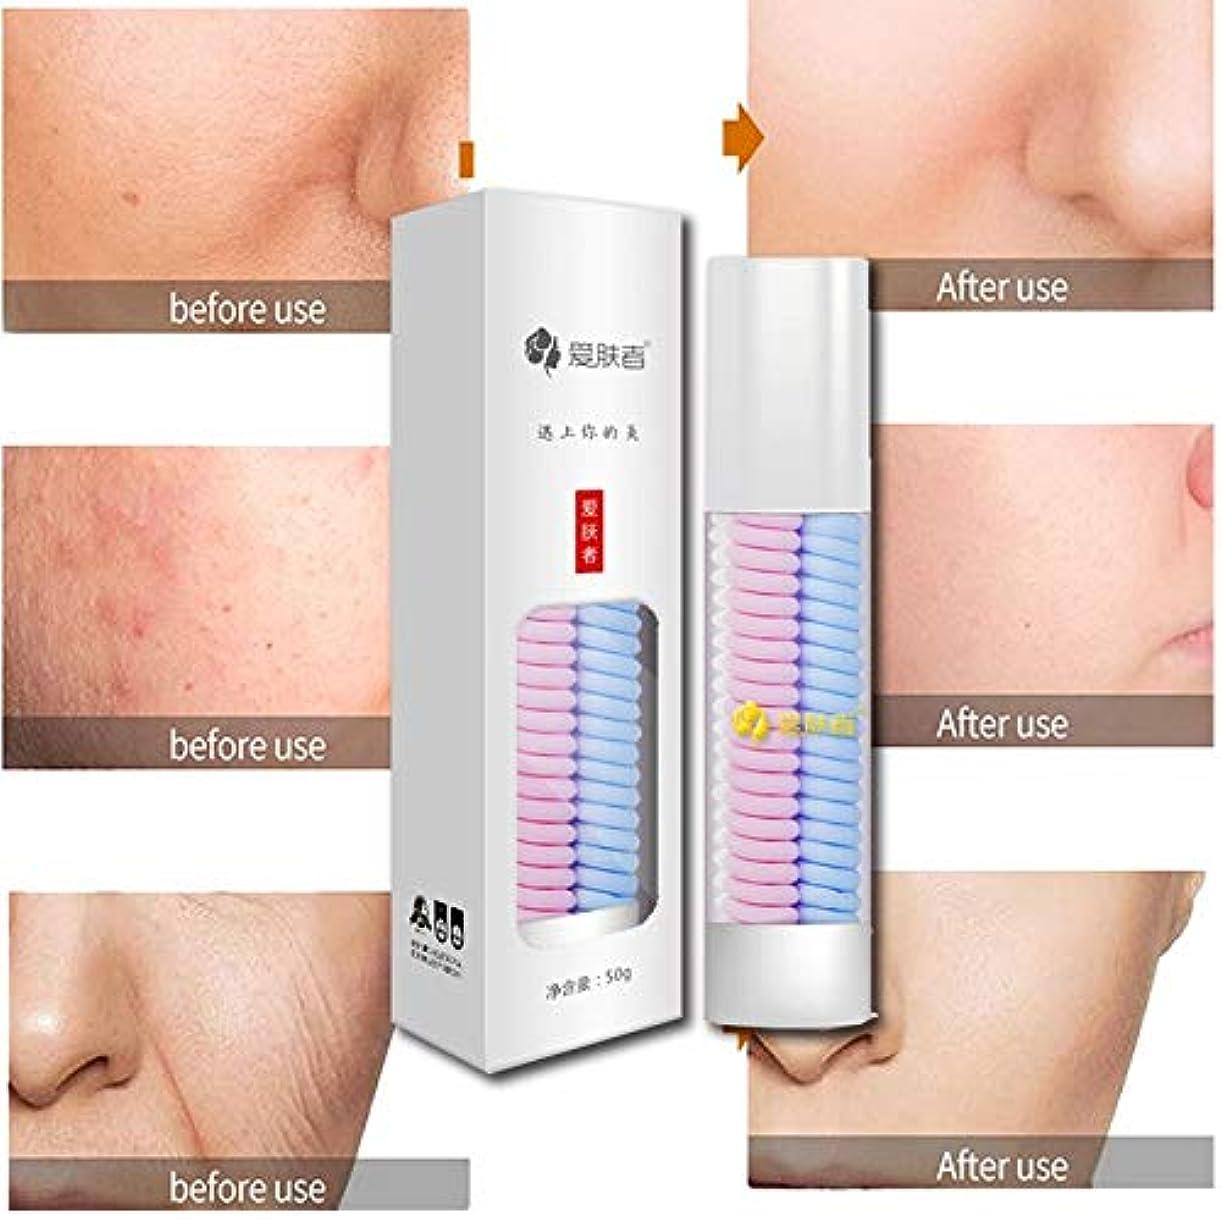 彼らの最後にペレグリネーション保湿顔寧クリームの電子抗しわ年齢ケアのRIR cremasはhidratante顔面edad抗faciales